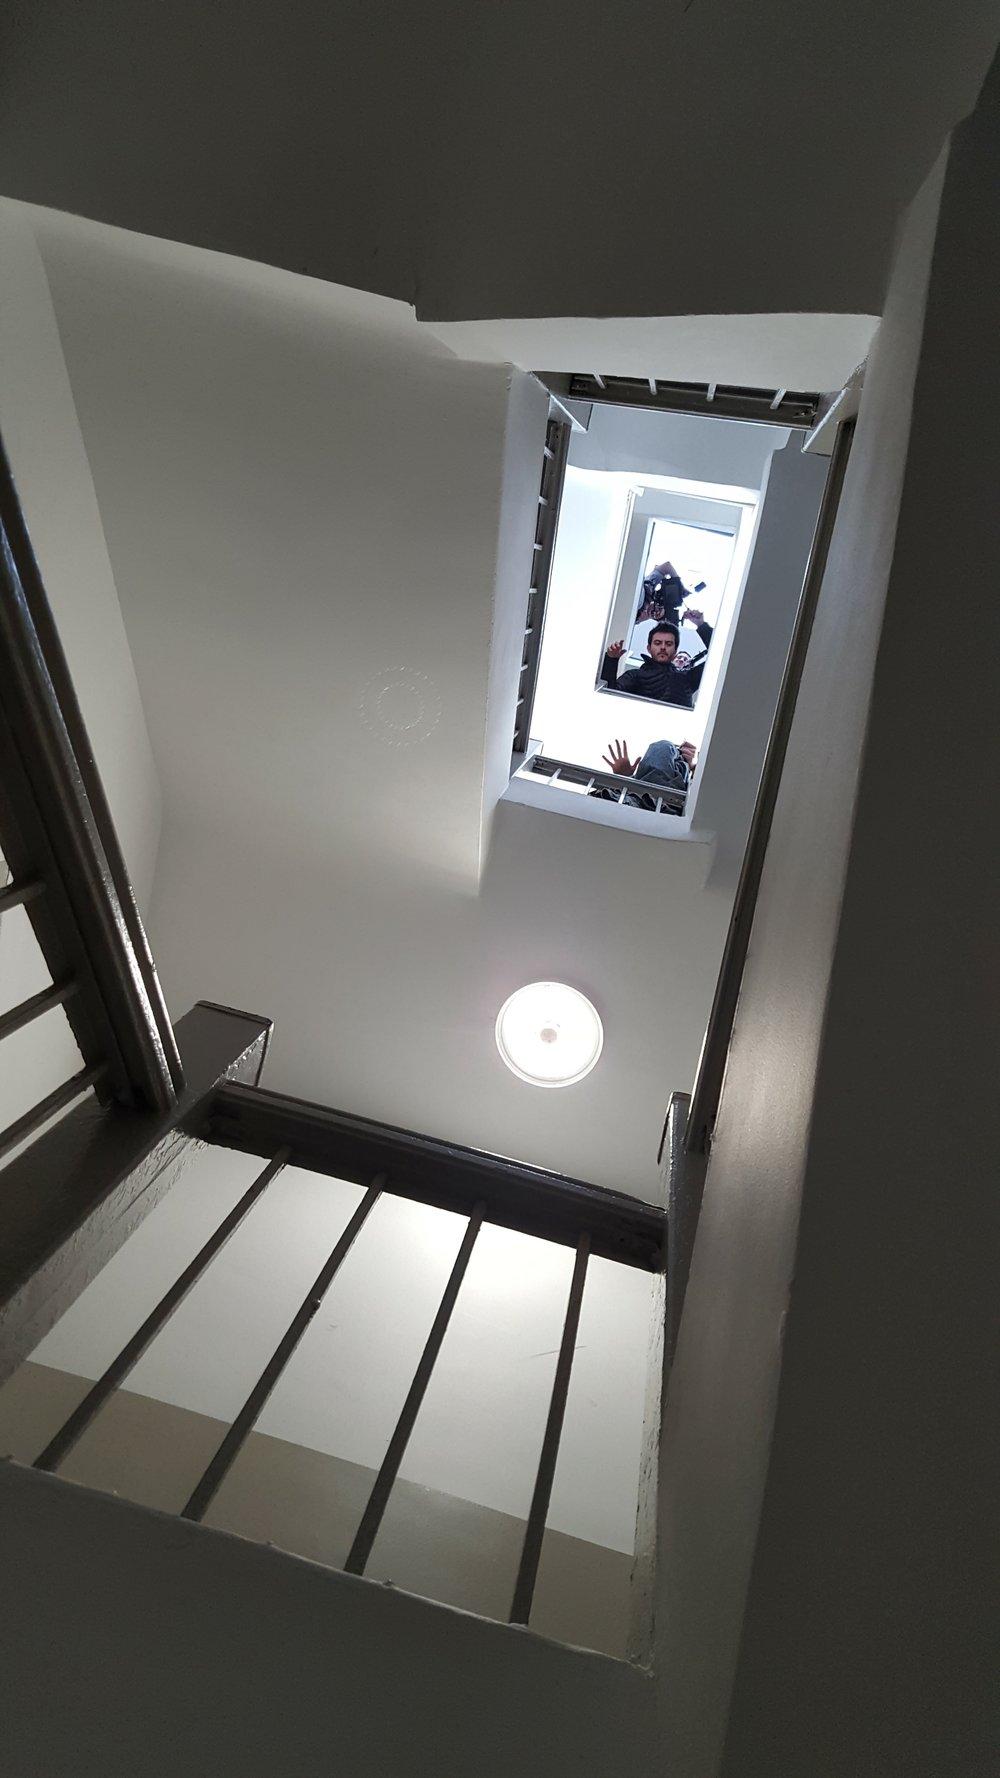 Copy of Copy of Copy of Copy of Copy of Copy of Copy of Copy of Framing overhead shot of Ellen's ascent.